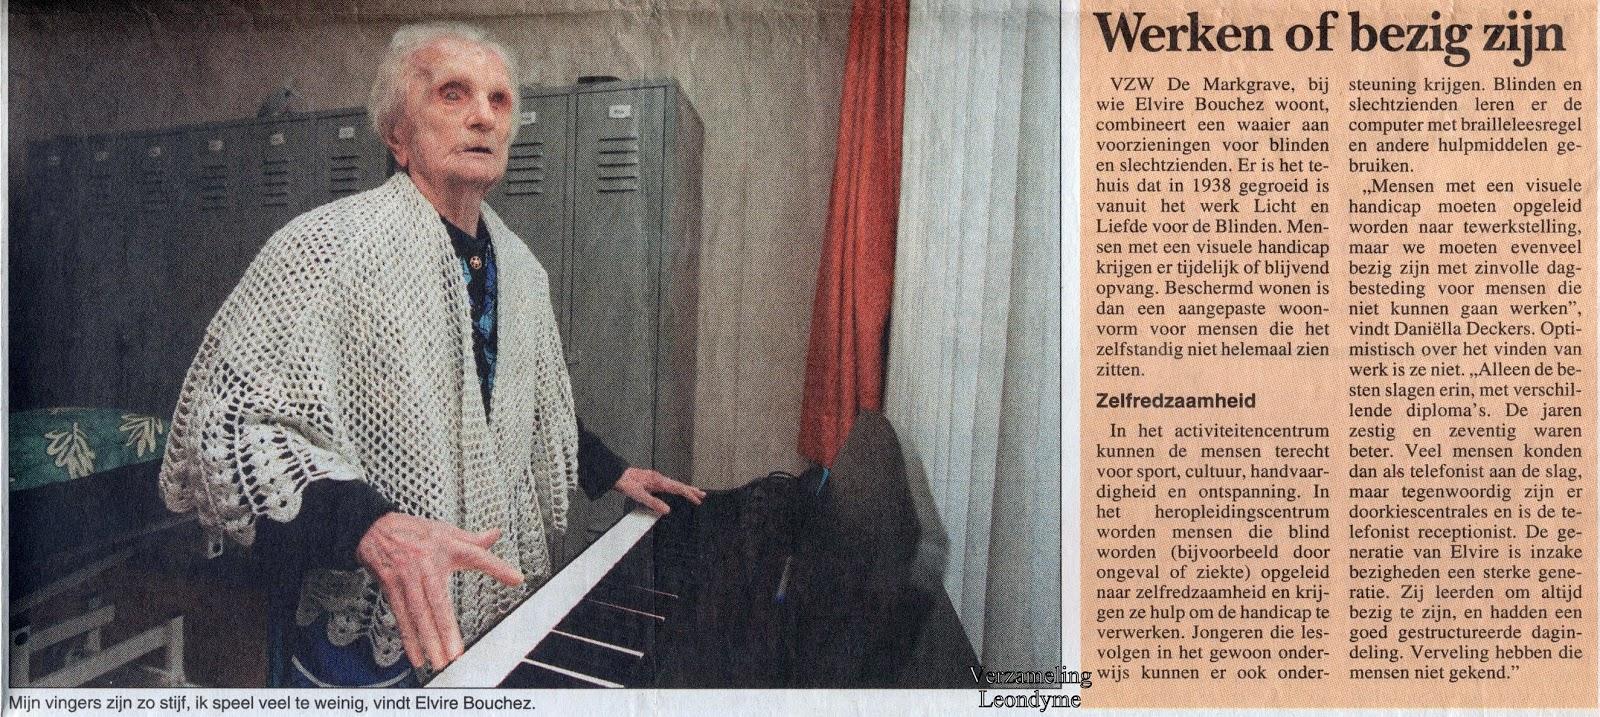 Elvire Bouchez, gevierd als honderdjarige. het Volk 18-02-1999